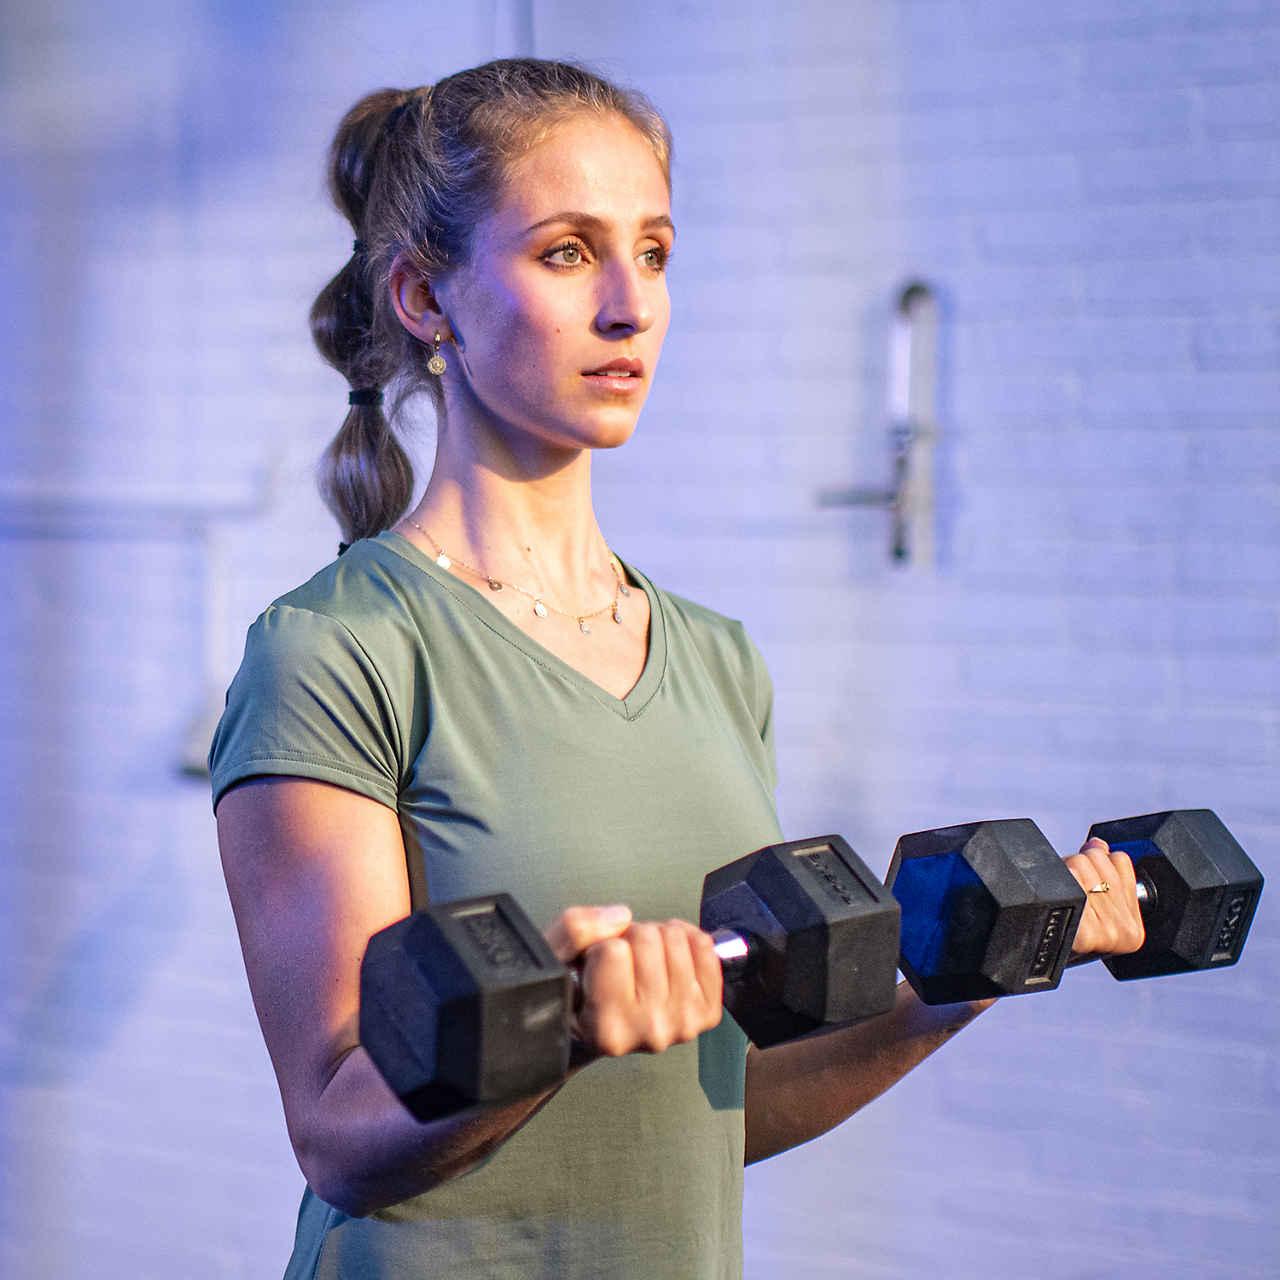 ochsner-sport-playground-fitnessathome-annastoessel_2021_1500x1500